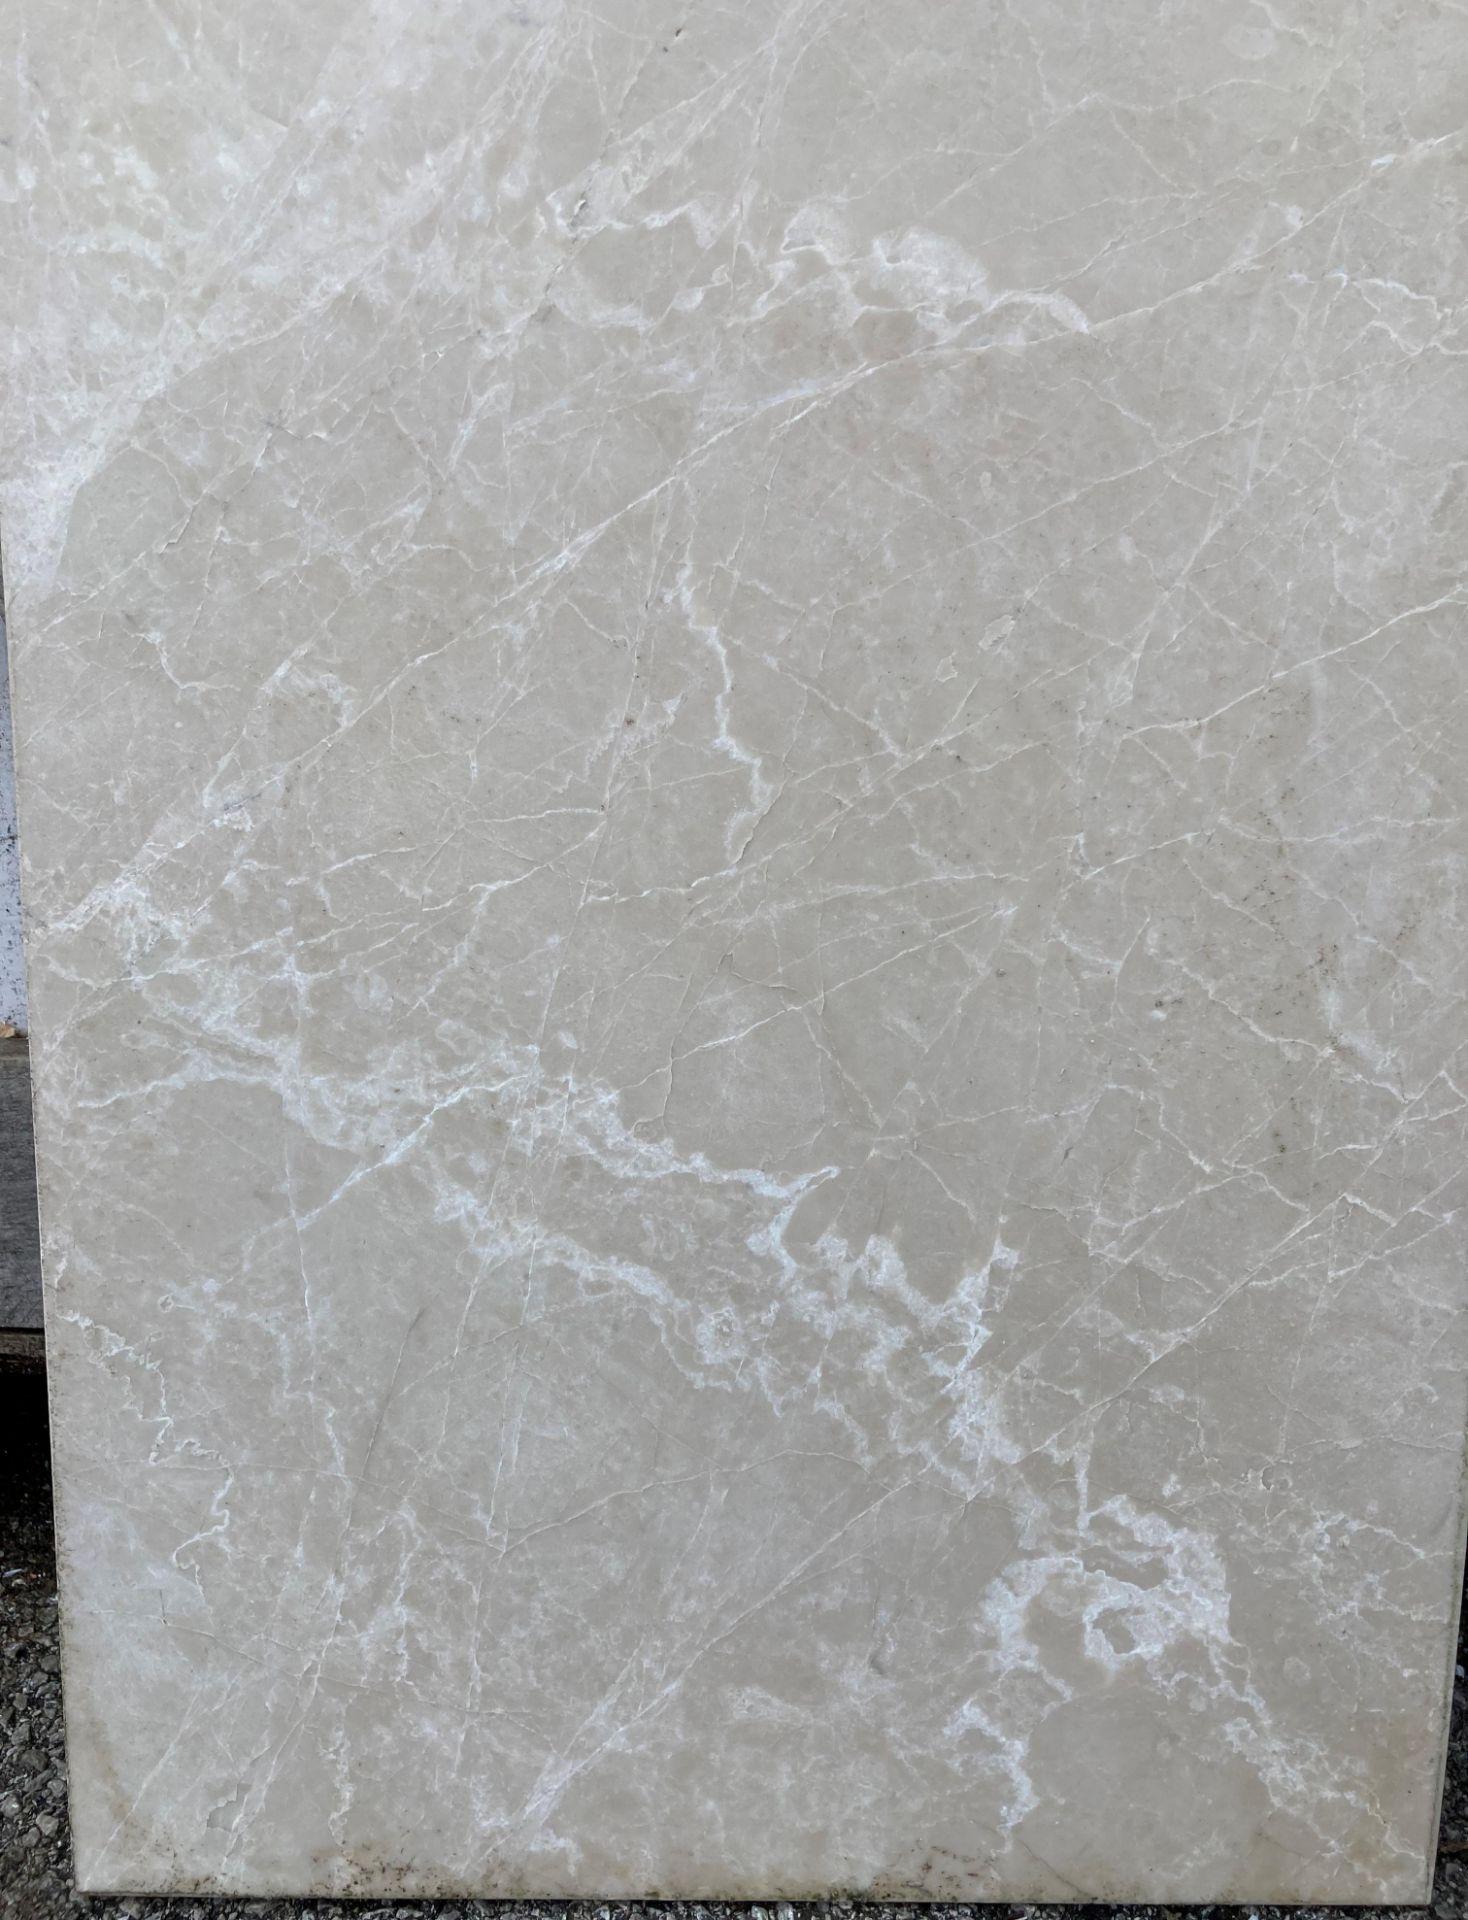 30 x packs of 4 marble tiles in Rosoni beige - 60 x 40 x 1.